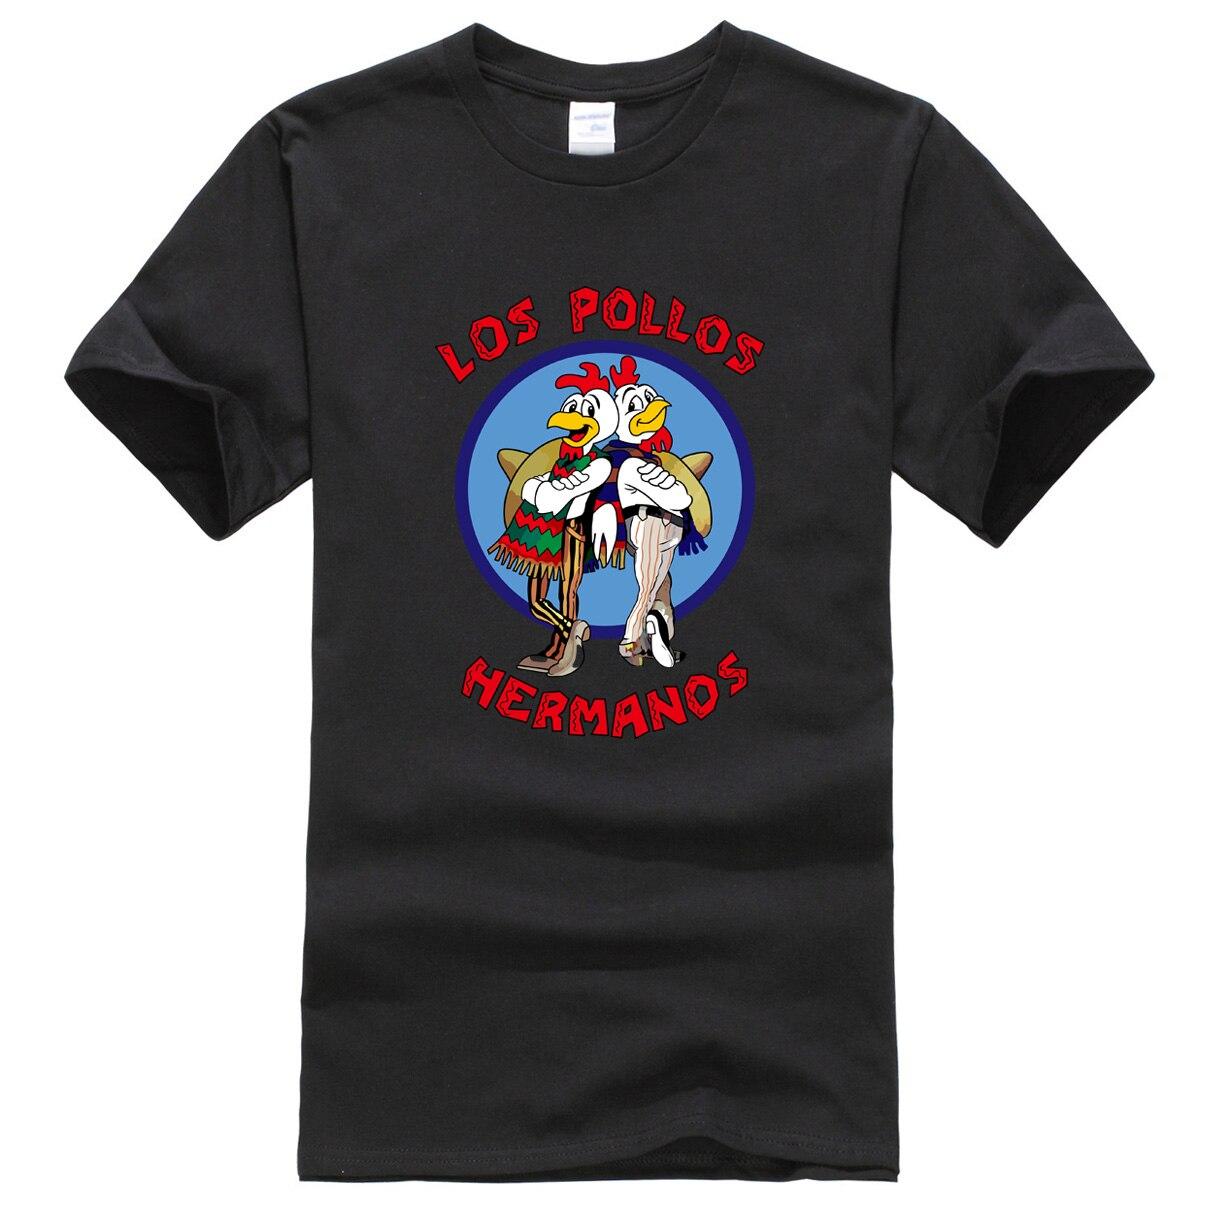 2019 camisetas para hombre LOS POLLOS gemelos Breaking Bad famoso cool camiseta harajuku ropa de marca camiseta para Hombre Camisetas para hombre hip hop